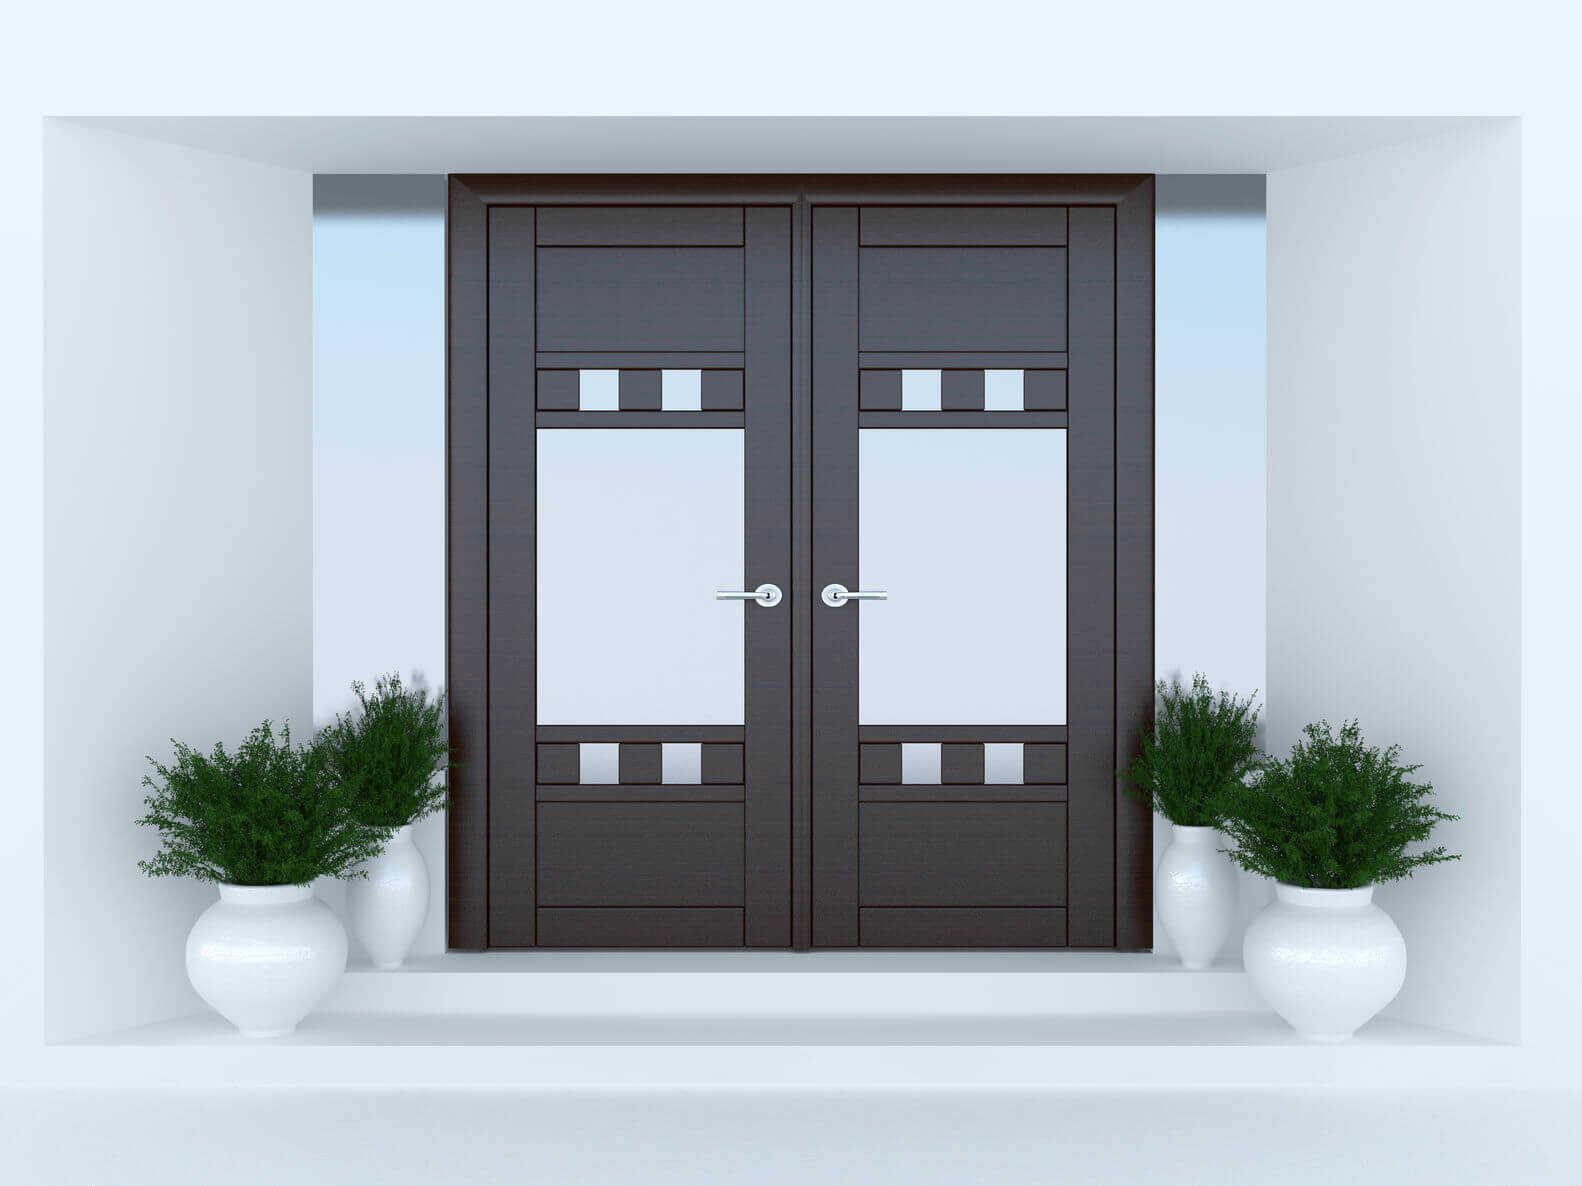 WorkAdvisor Devis Menuisier Artisan Porte d'entrée Menuisier Rénovation Maison Appartement Cout Budget Travaux.jpg